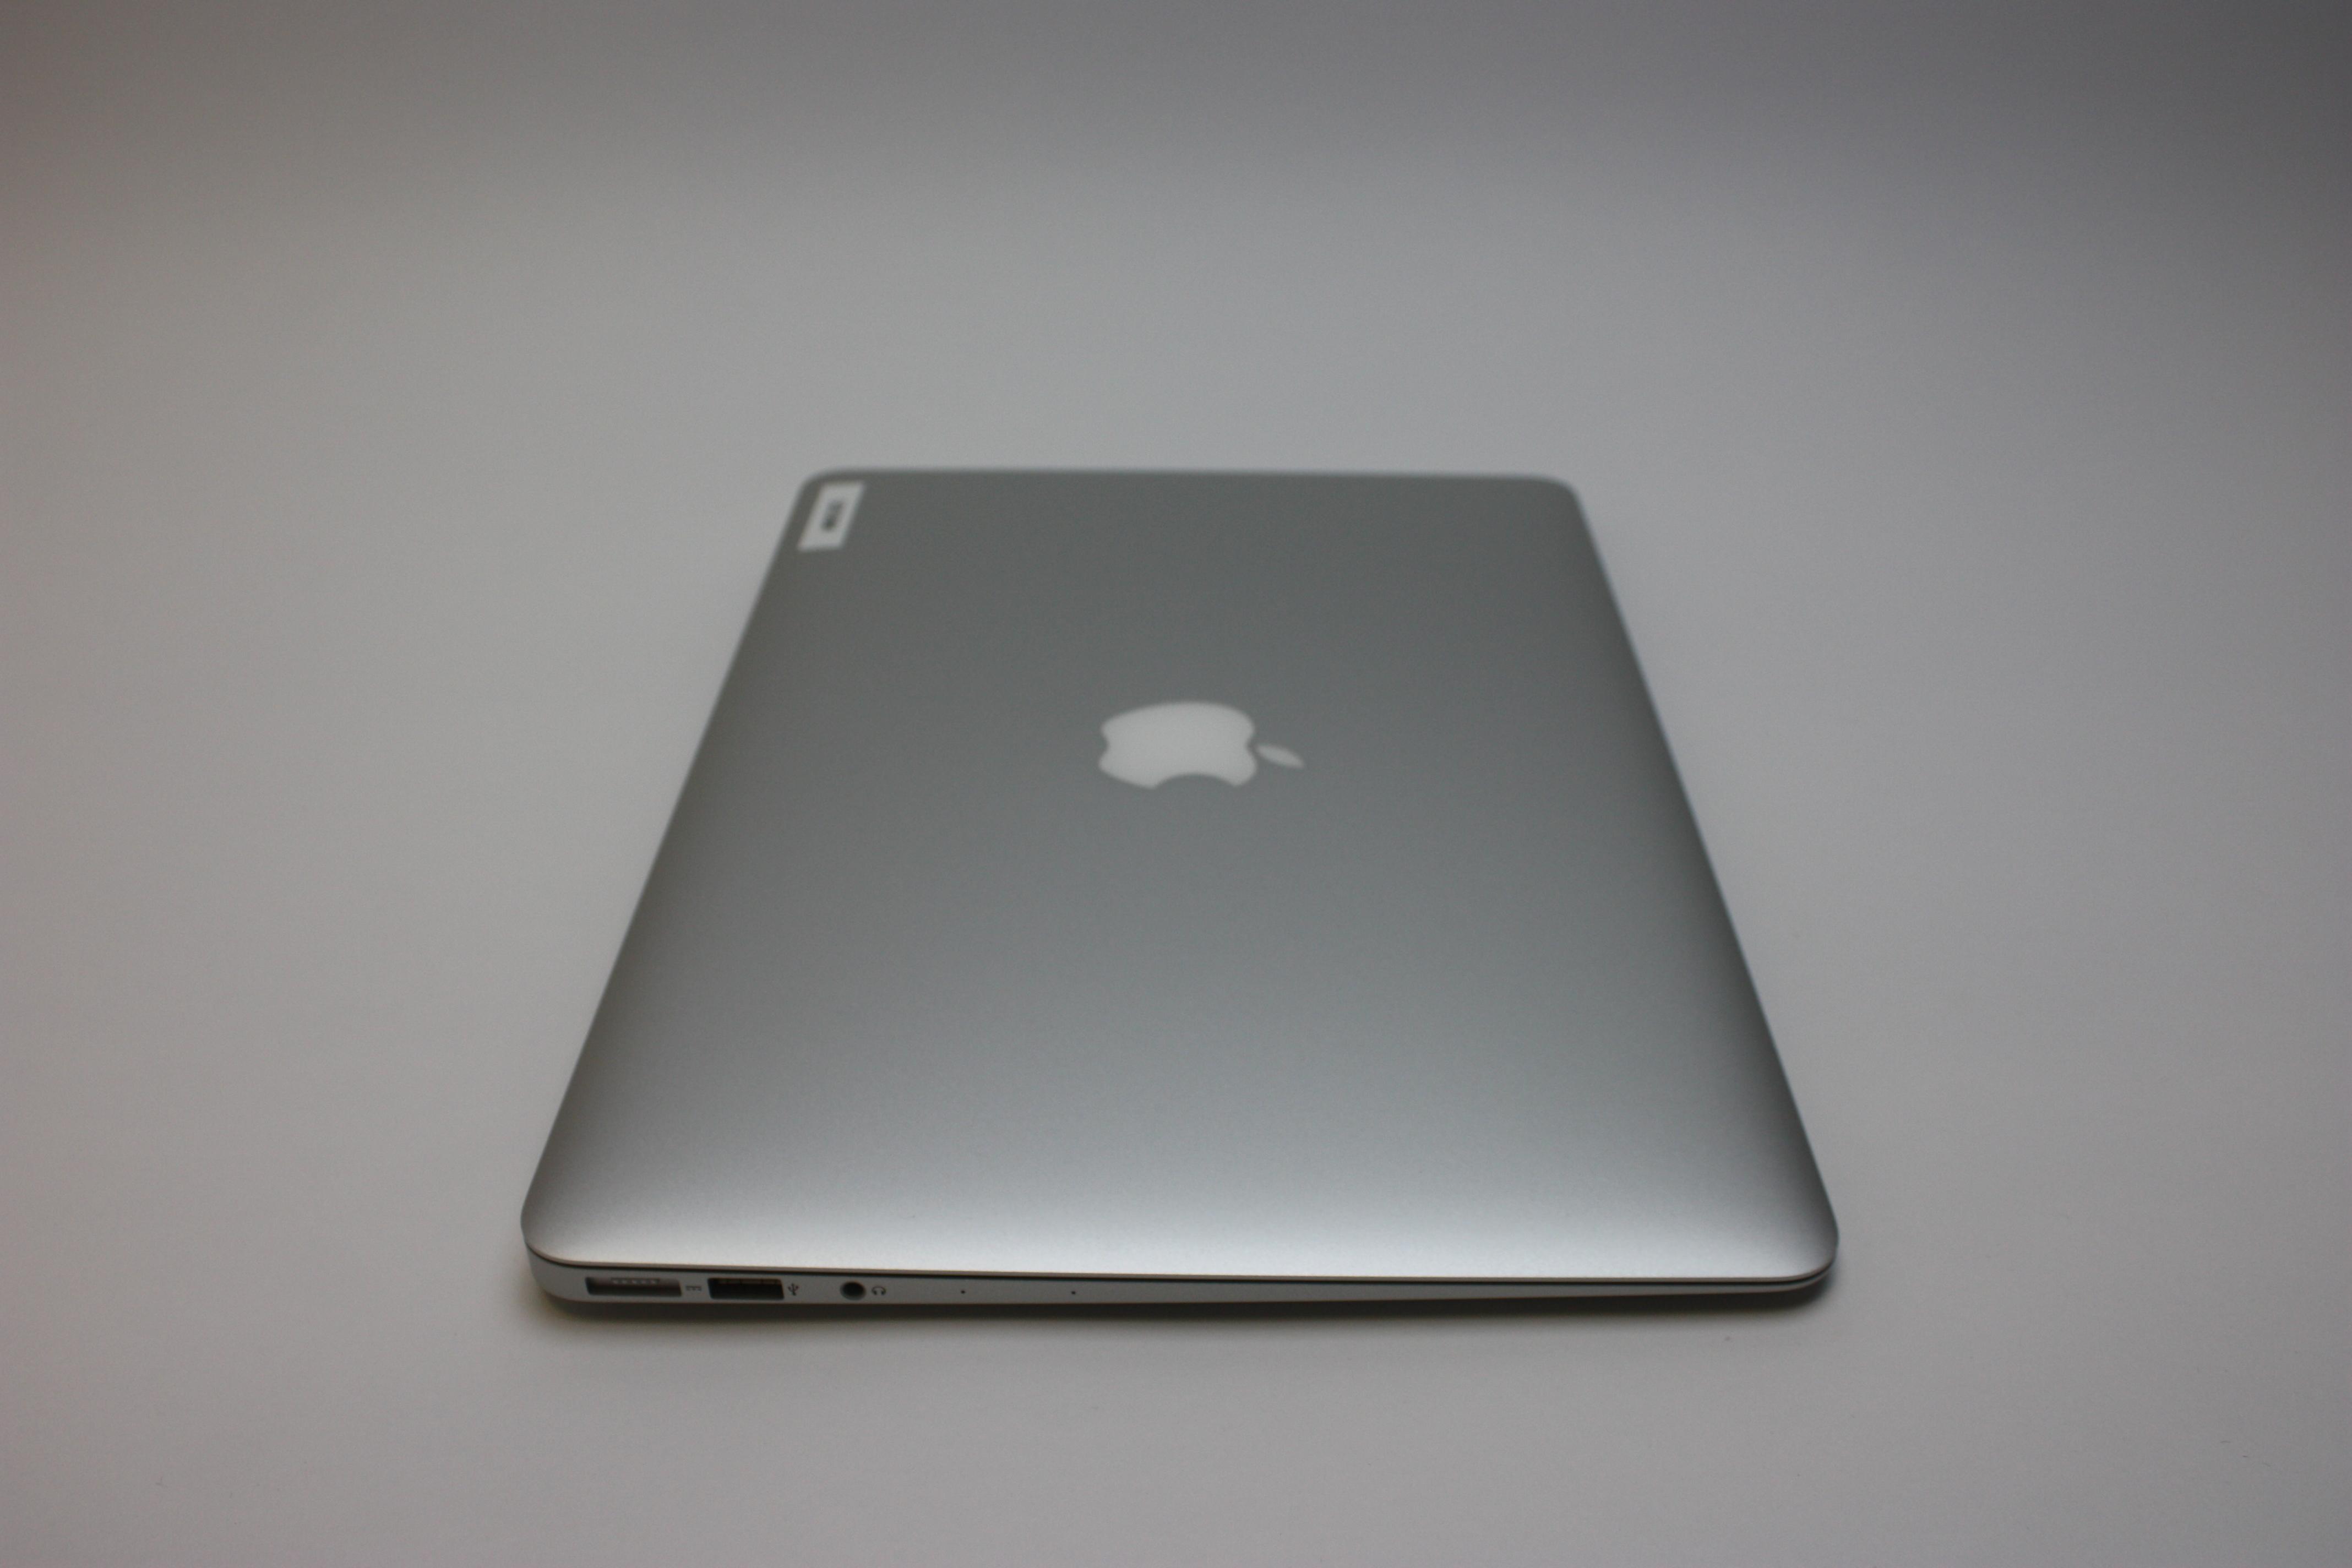 MacBook Air 13-inch, 1.8 GHz Core i5 (I5-5350U), 8 GB 1600 MHz DDR3, 128 GB Flash Storage, image 5